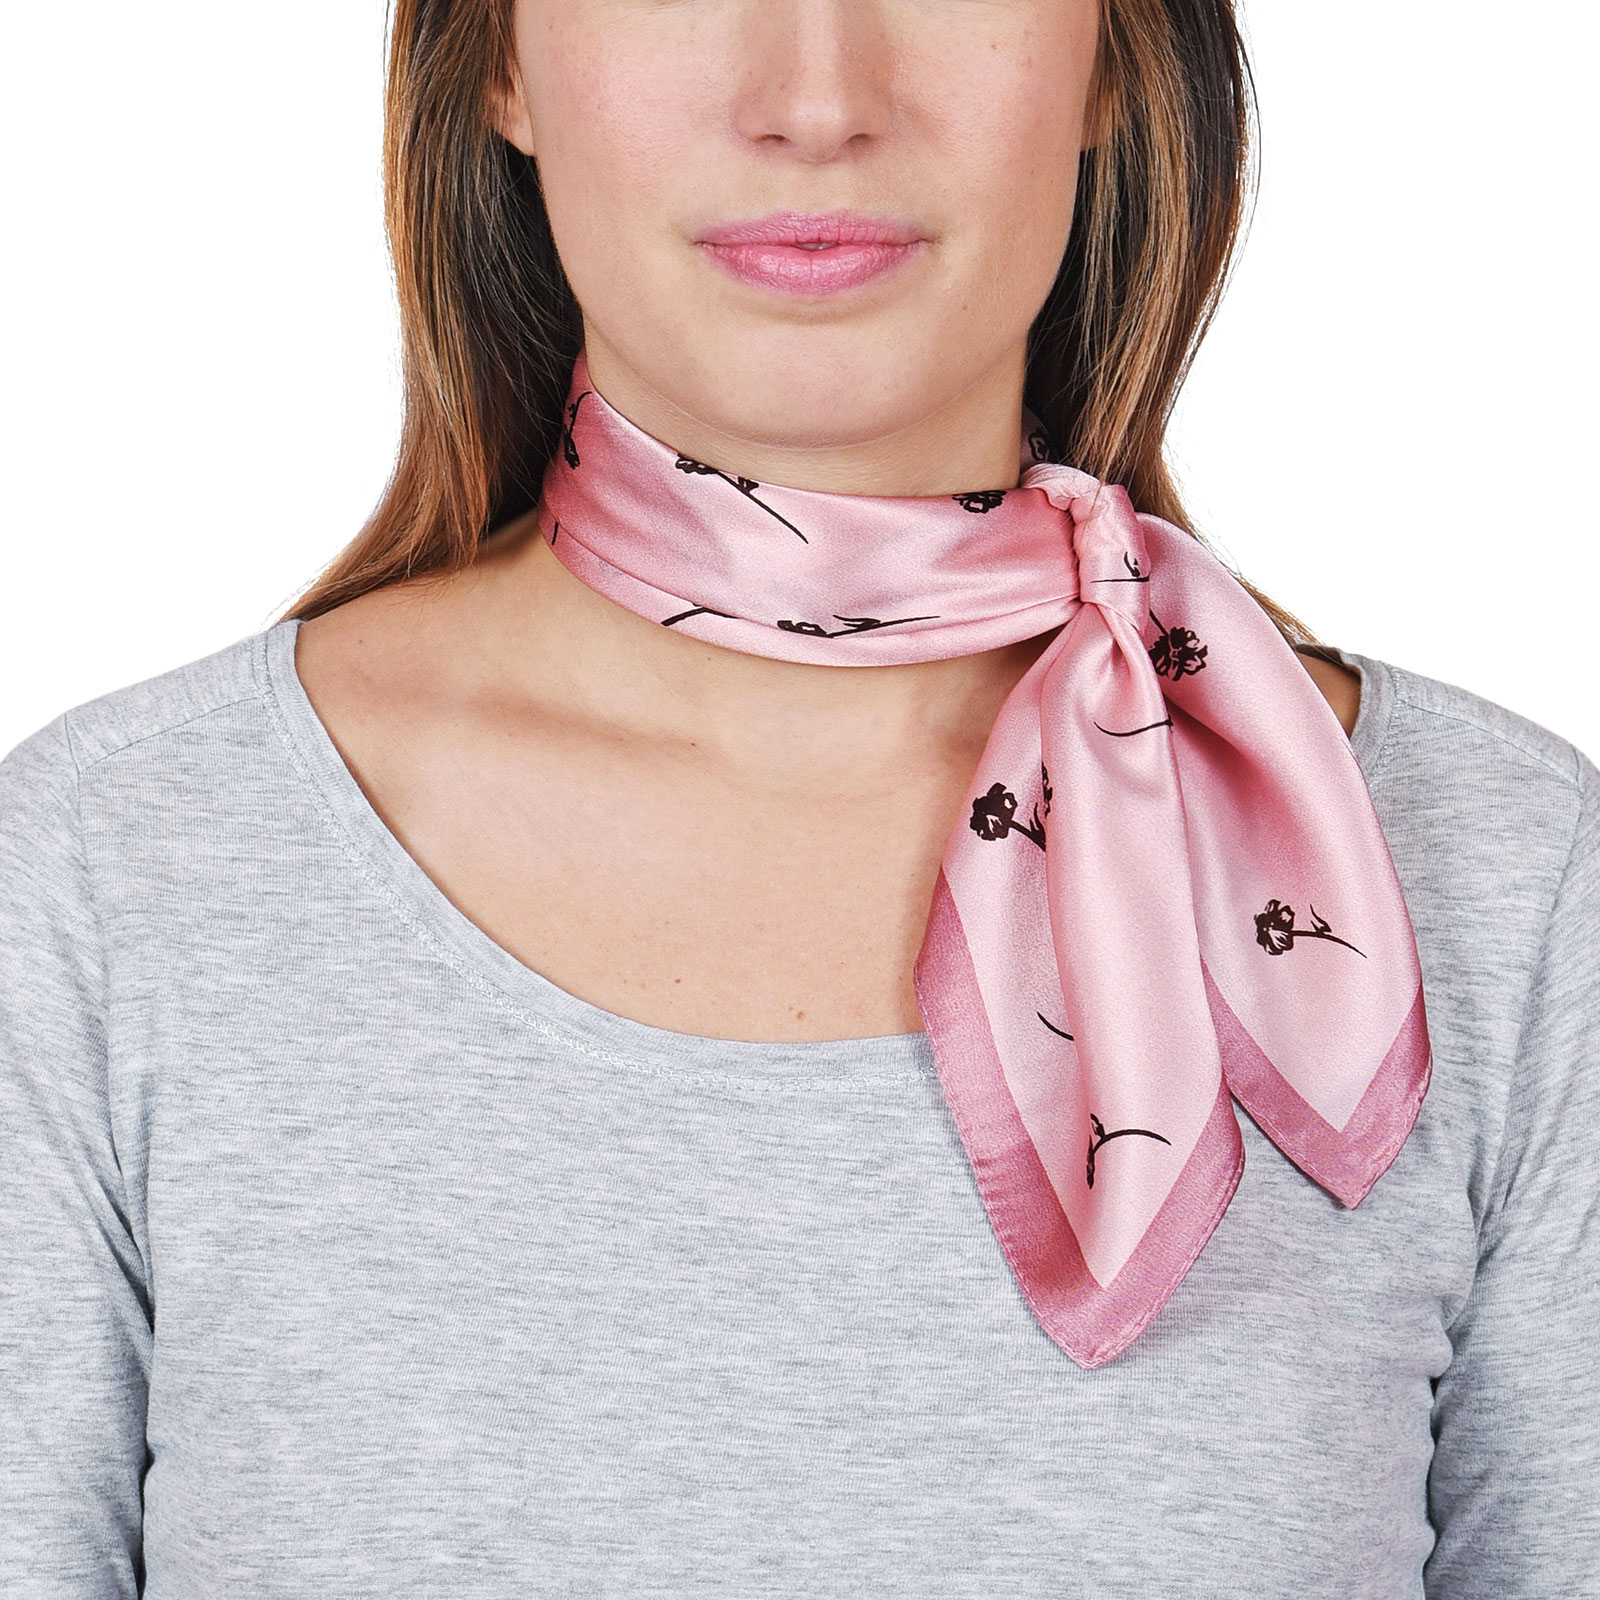 AT-04644-VF16-carre-de-soie-femme-rose-petites-fleurs